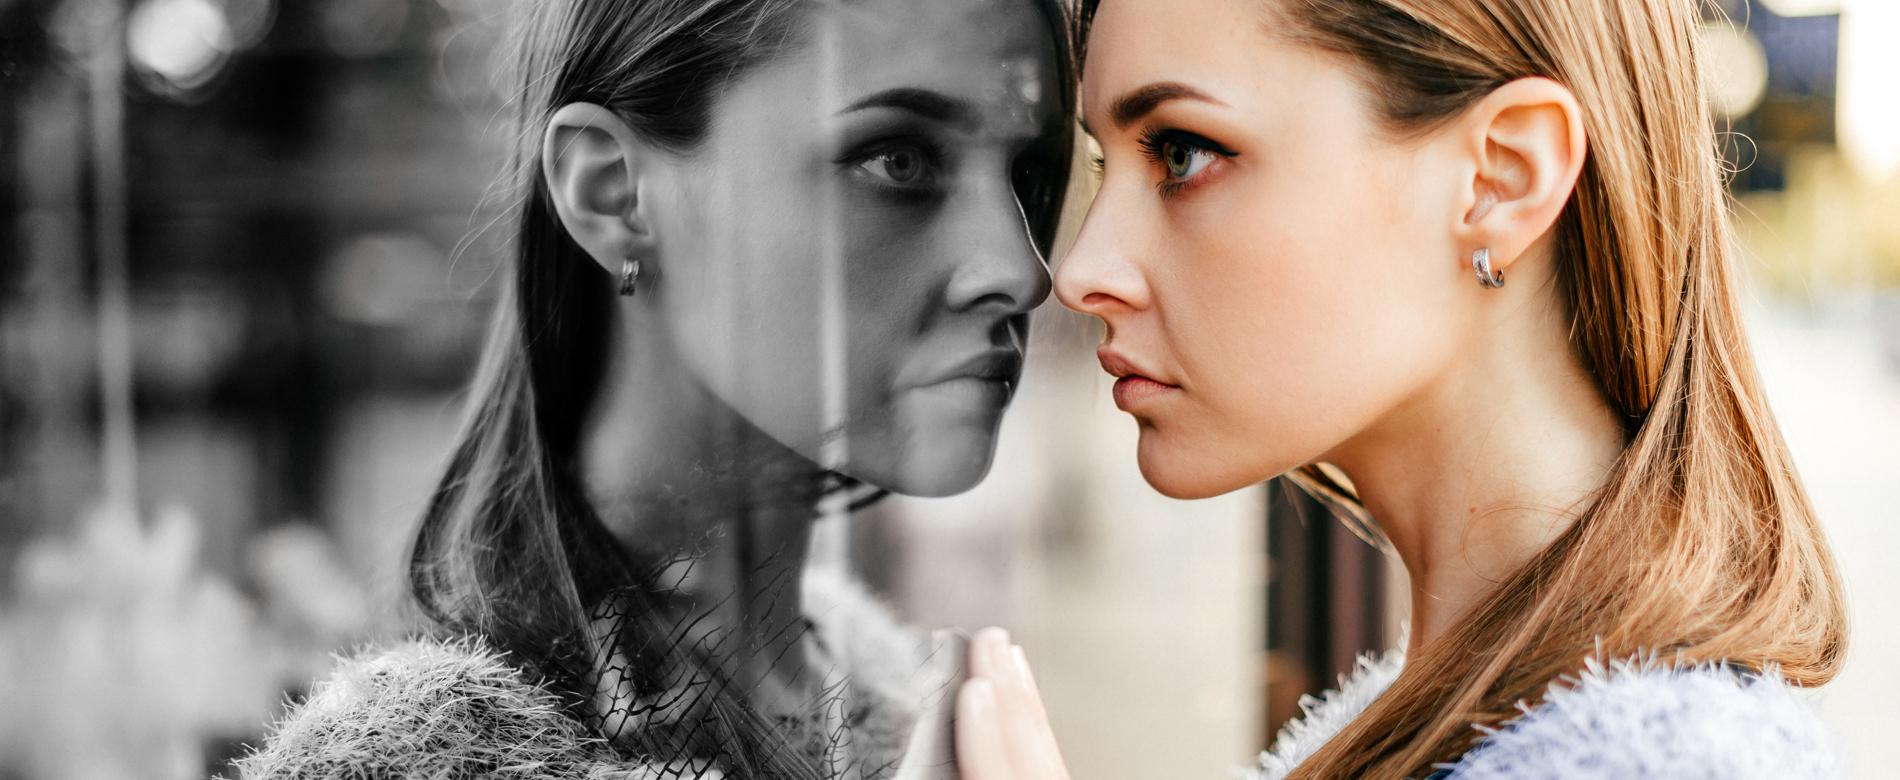 170 – ¿Qué hablan de ti tu rostro y vestiduras?